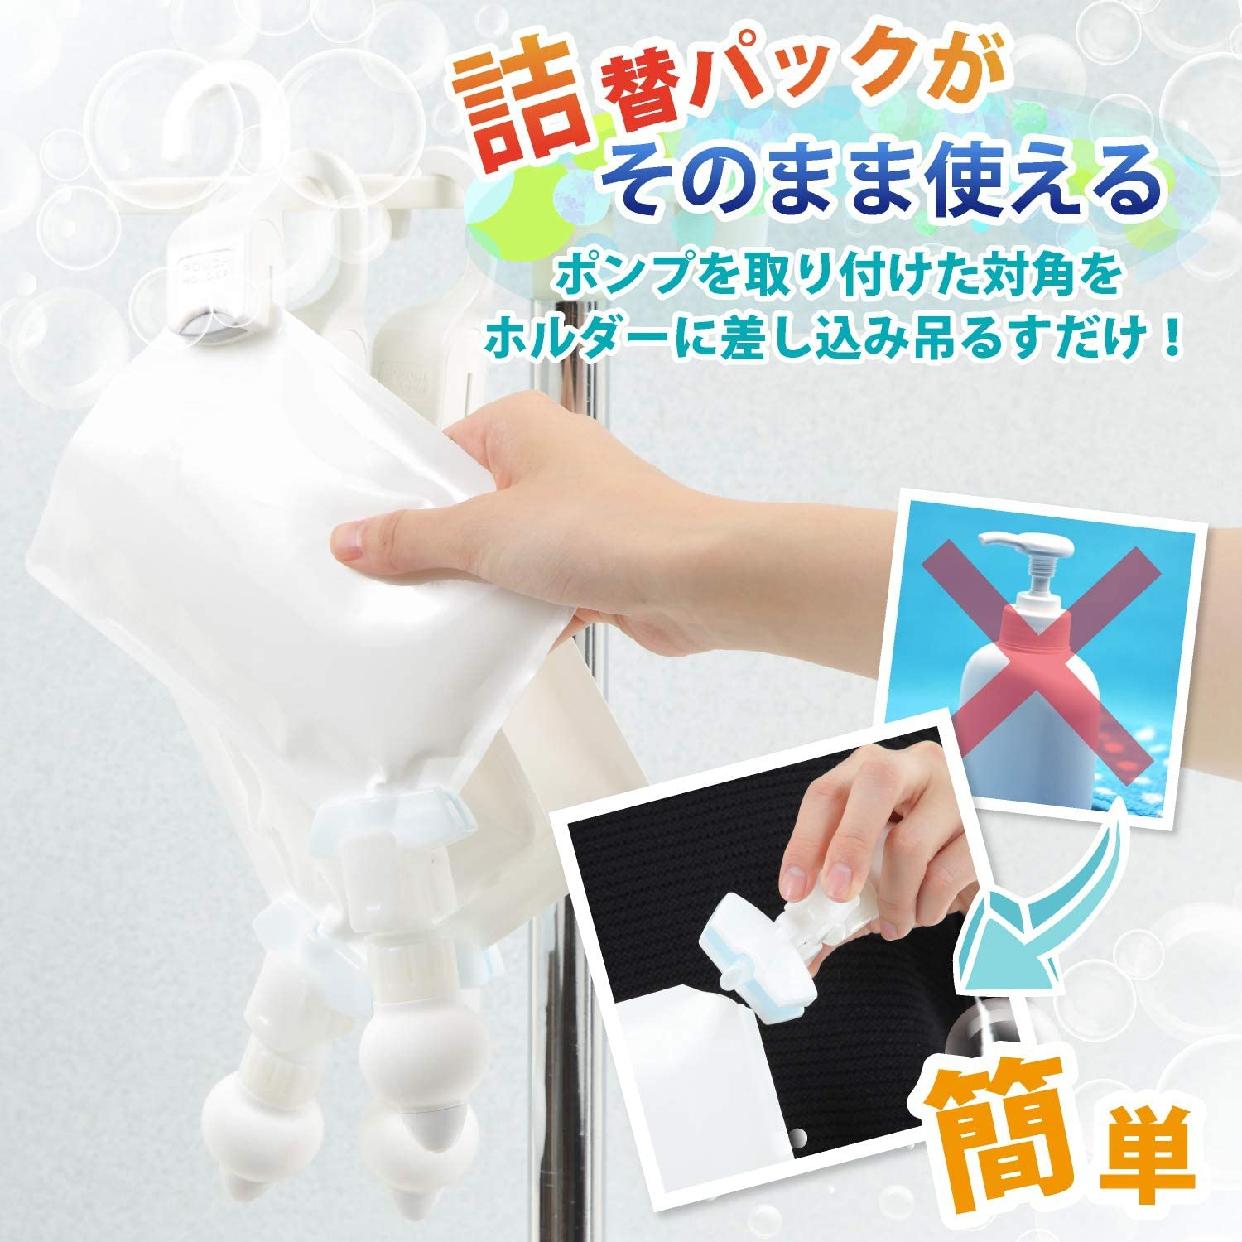 三輝(Sanki) 詰め替えそのまま スタンダード7点セット PS-7SWの商品画像3